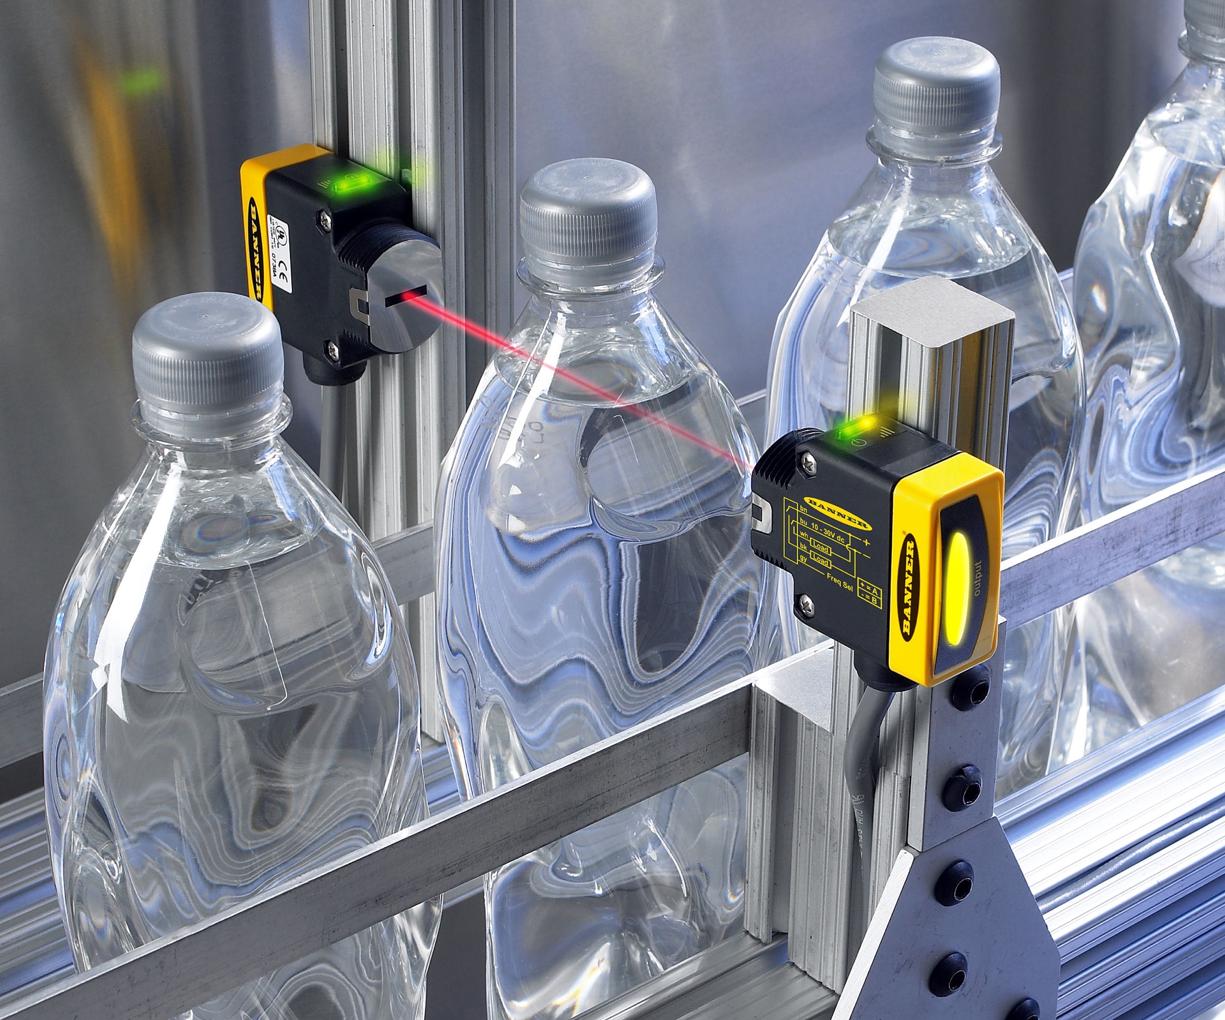 Ứng dụng cảm biến quang phát hiện vỏ chai